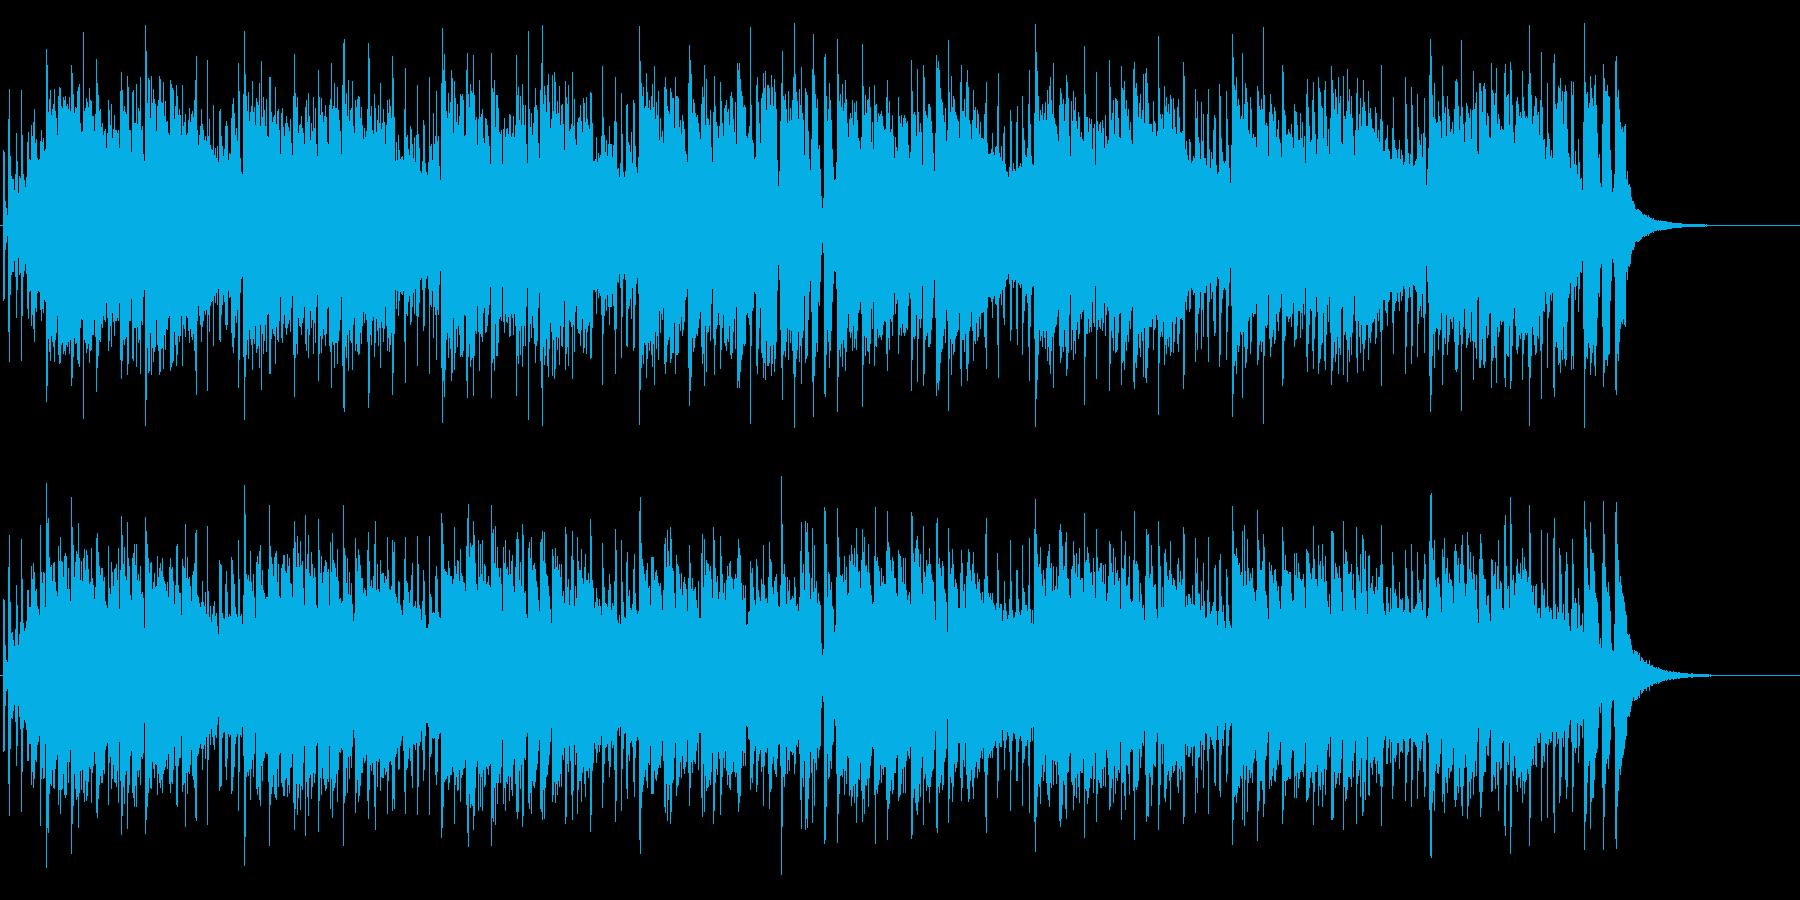 おバカなノリのコミカルパンクの再生済みの波形